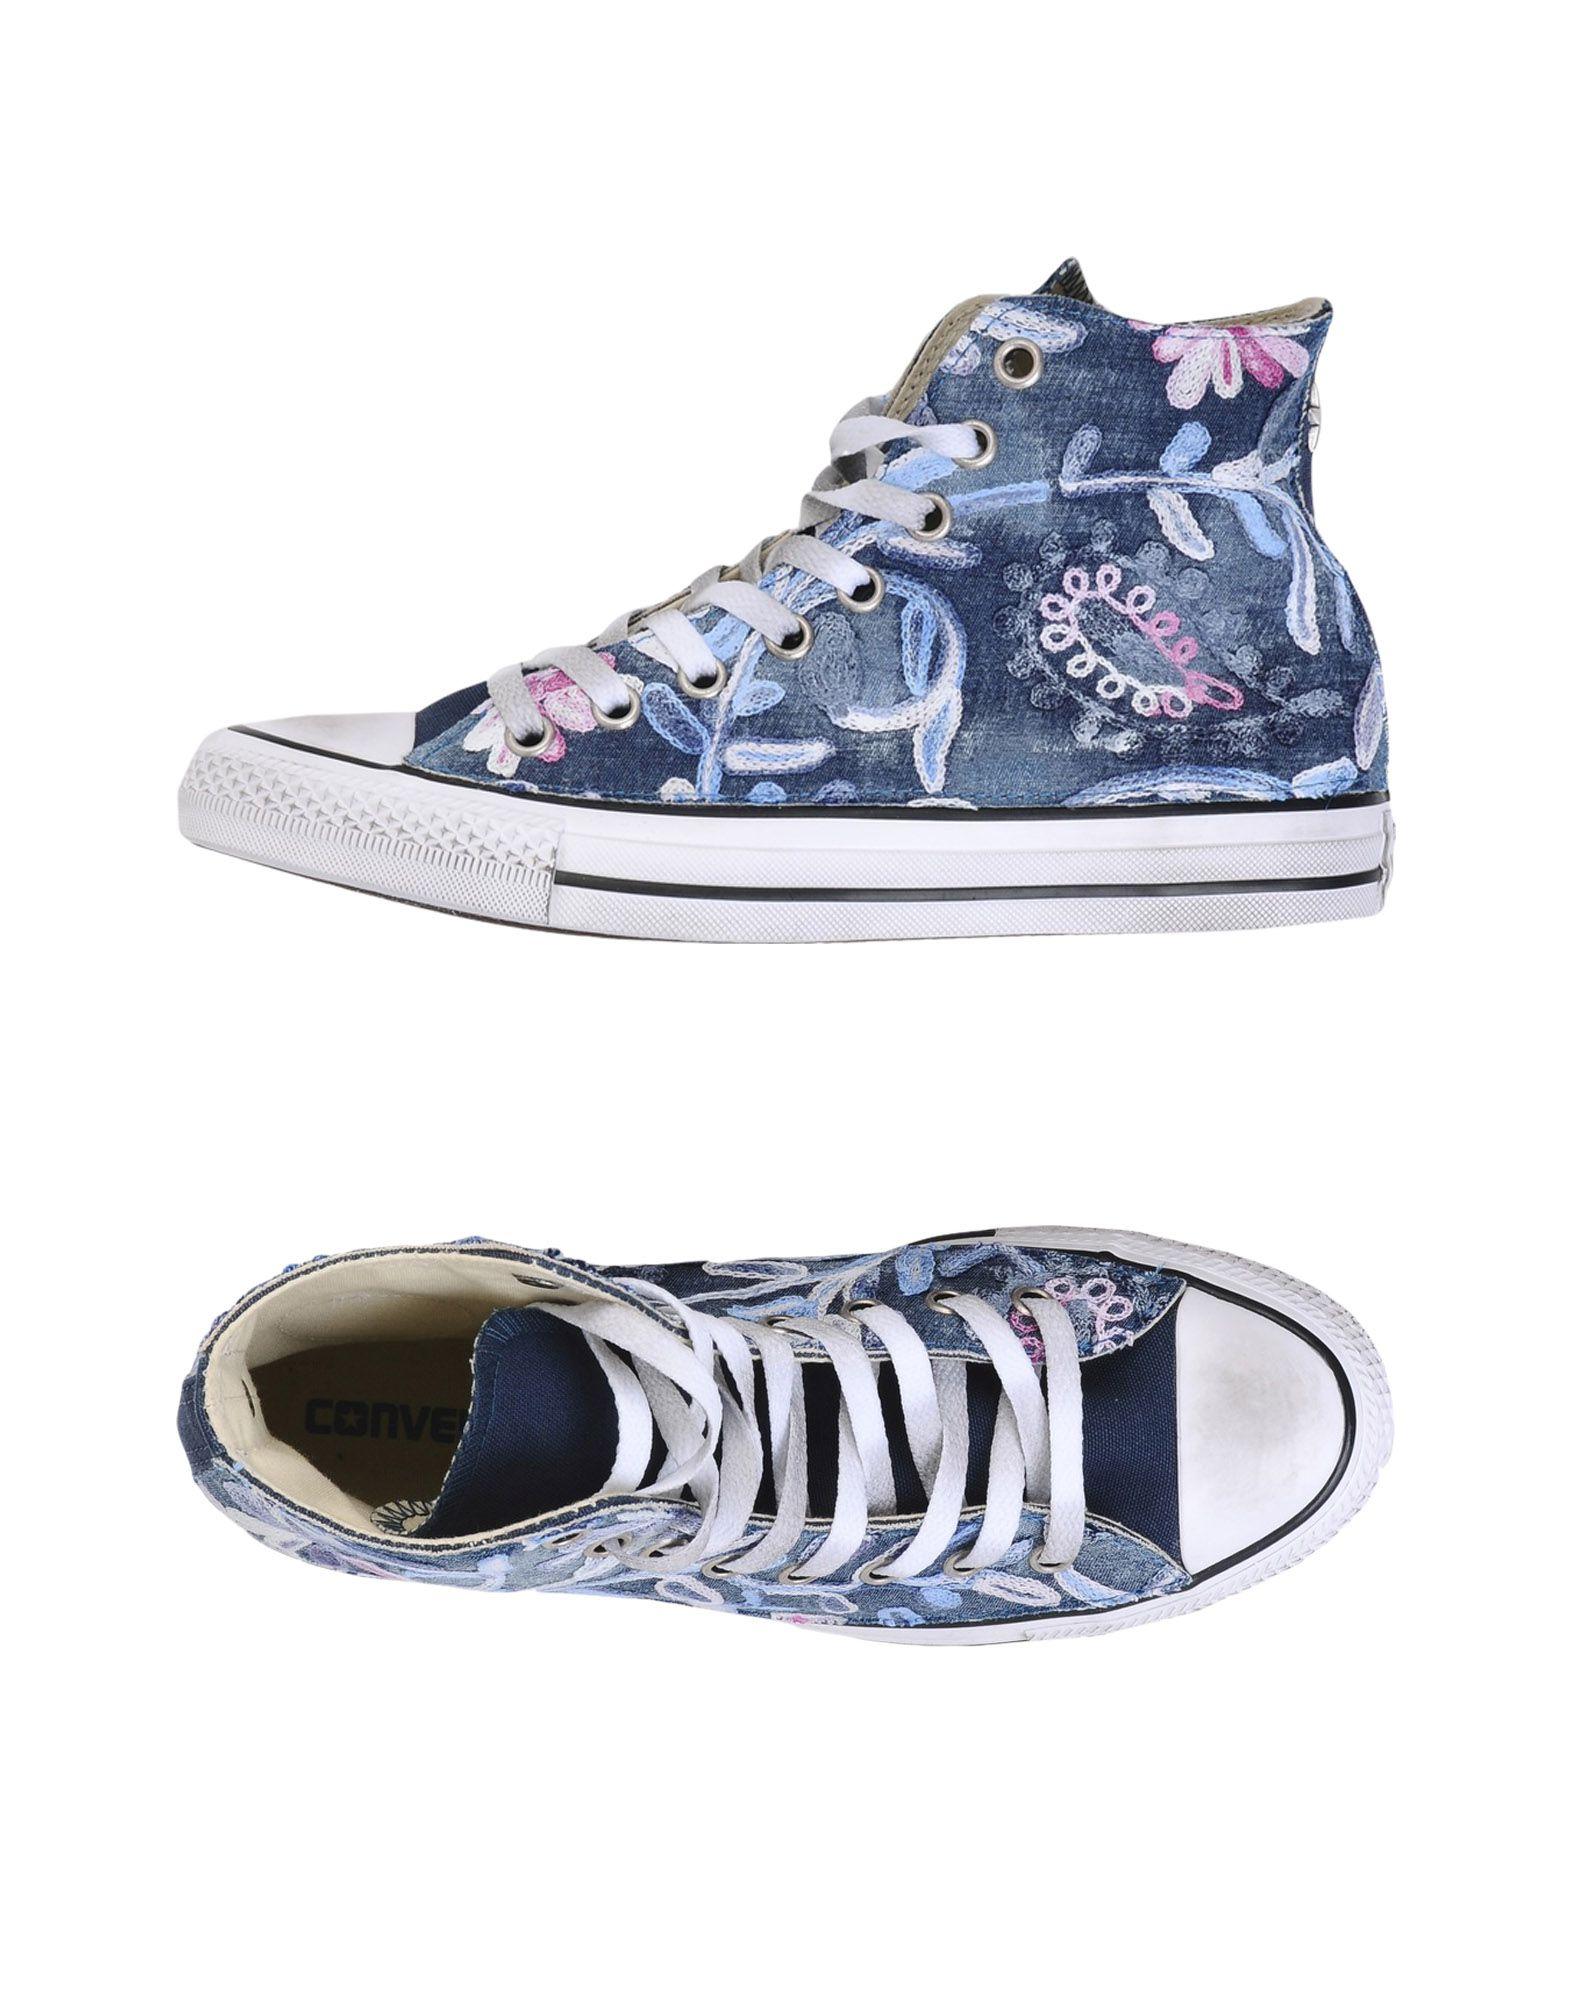 Converse Limited Edition Ctas Hi Canvas/Denim Ltd - Sneakers Sneakers Sneakers - Women Converse Limited Edition Sneakers online on  United Kingdom - 11461250SK 37cd9d